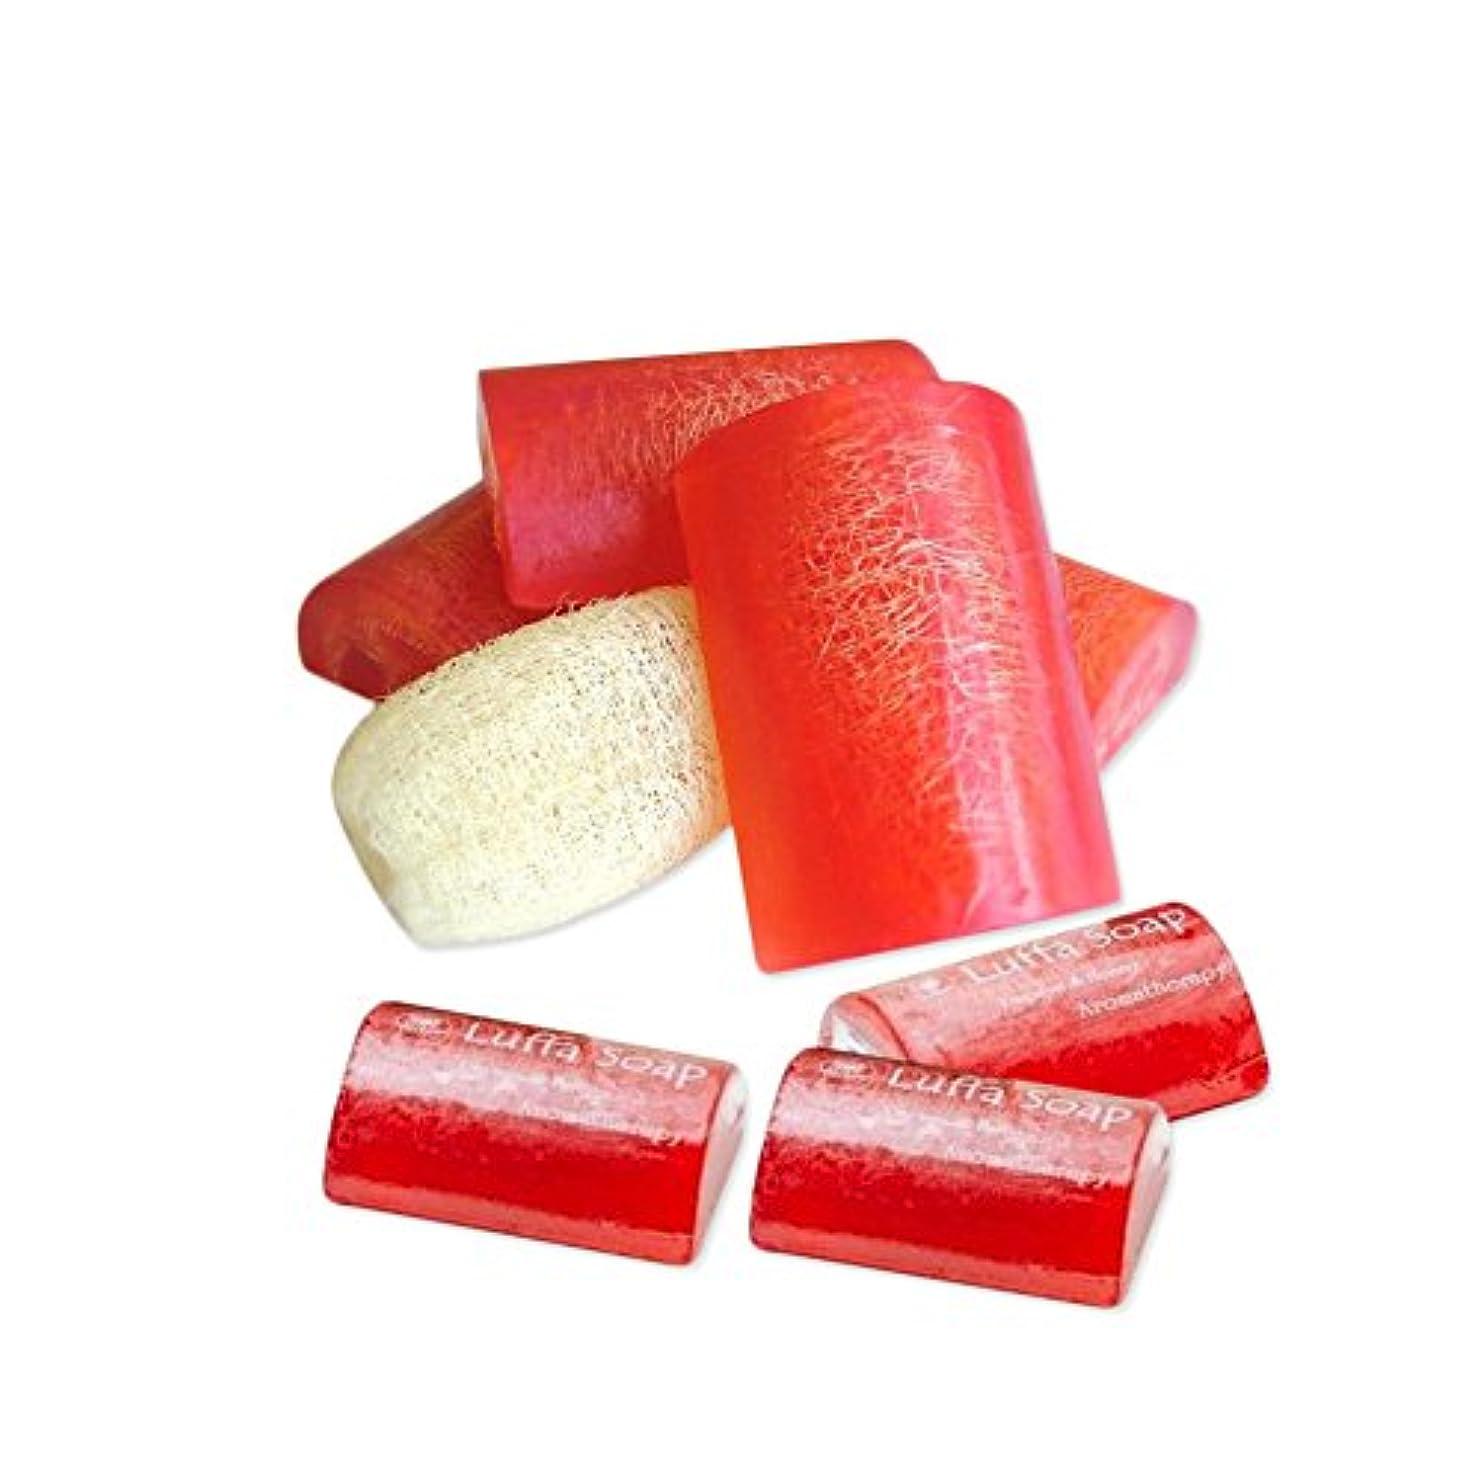 熟達連想参加者Soap Net Nature Handmade AromaPapaya Honey Scrub Herbal Natural Relaxing After Work & Sport A luffa middle the...